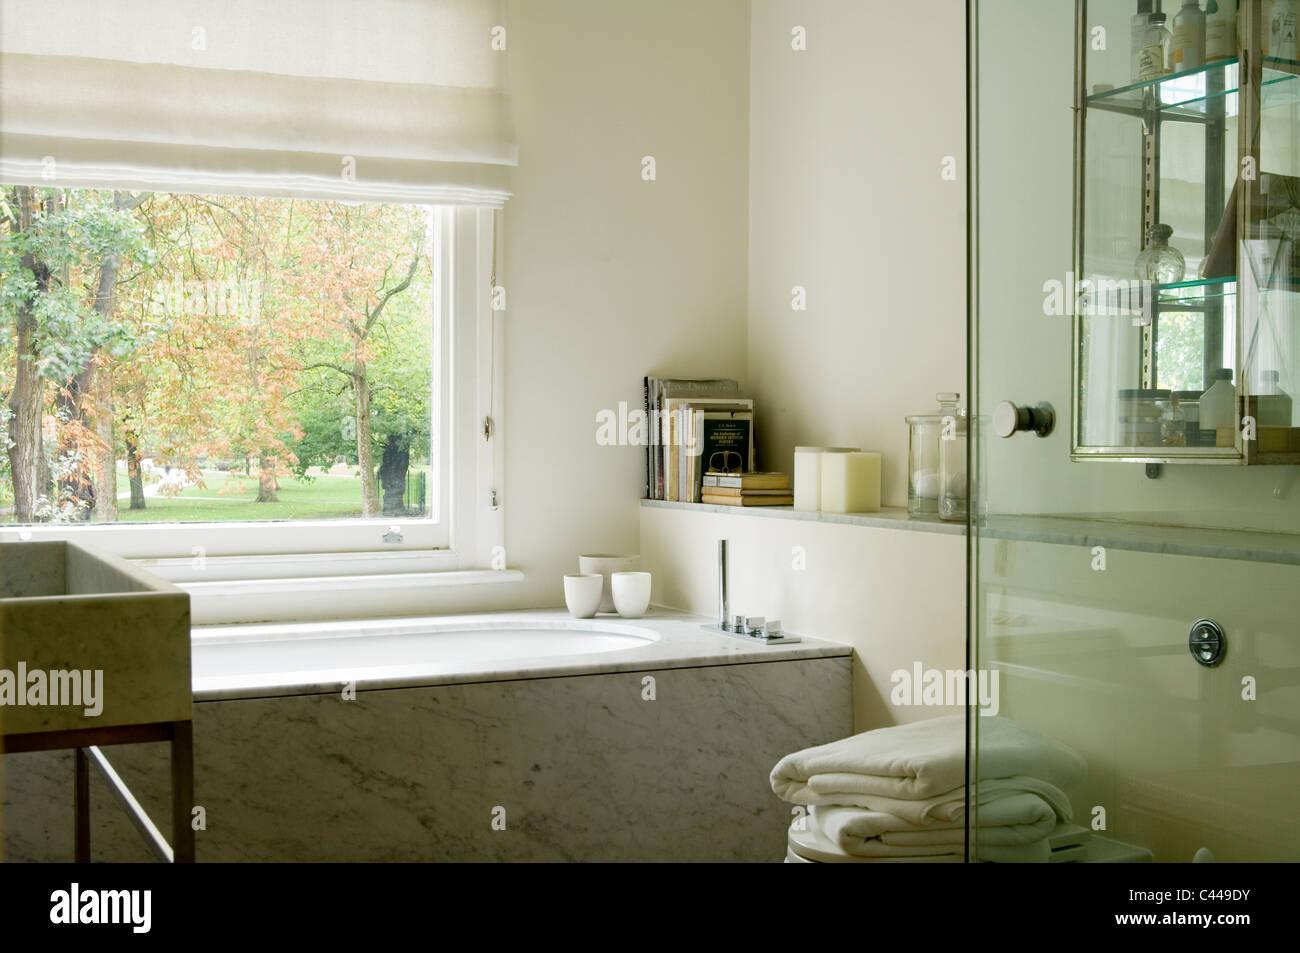 Salle De Bain Marbre De Carrare baignoire en marbre photos & baignoire en marbre images - alamy